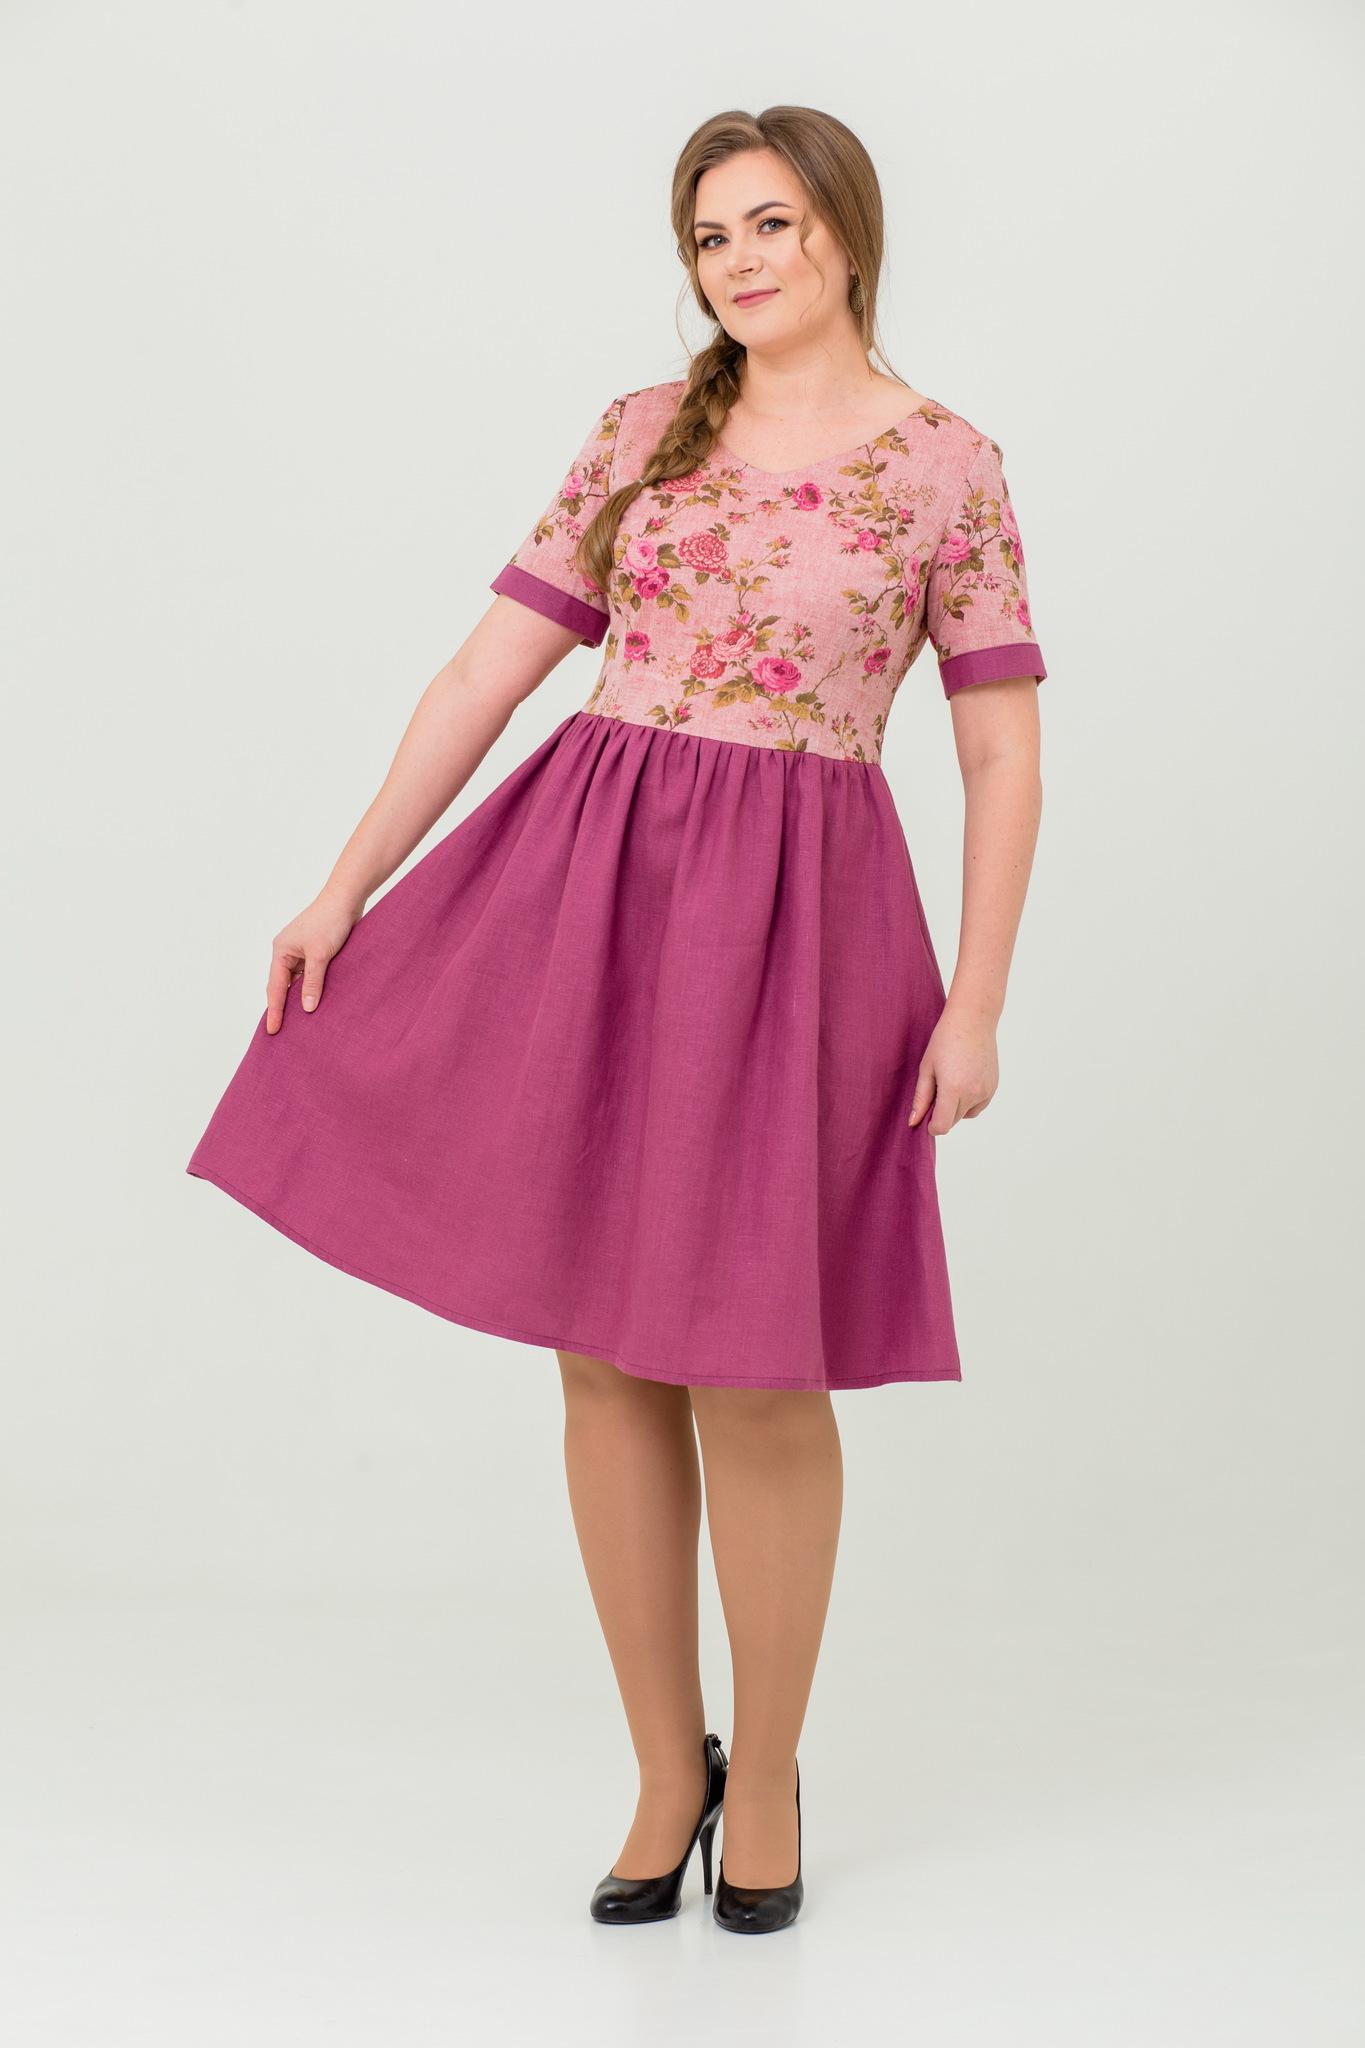 льняное платье Розовый бутон купить